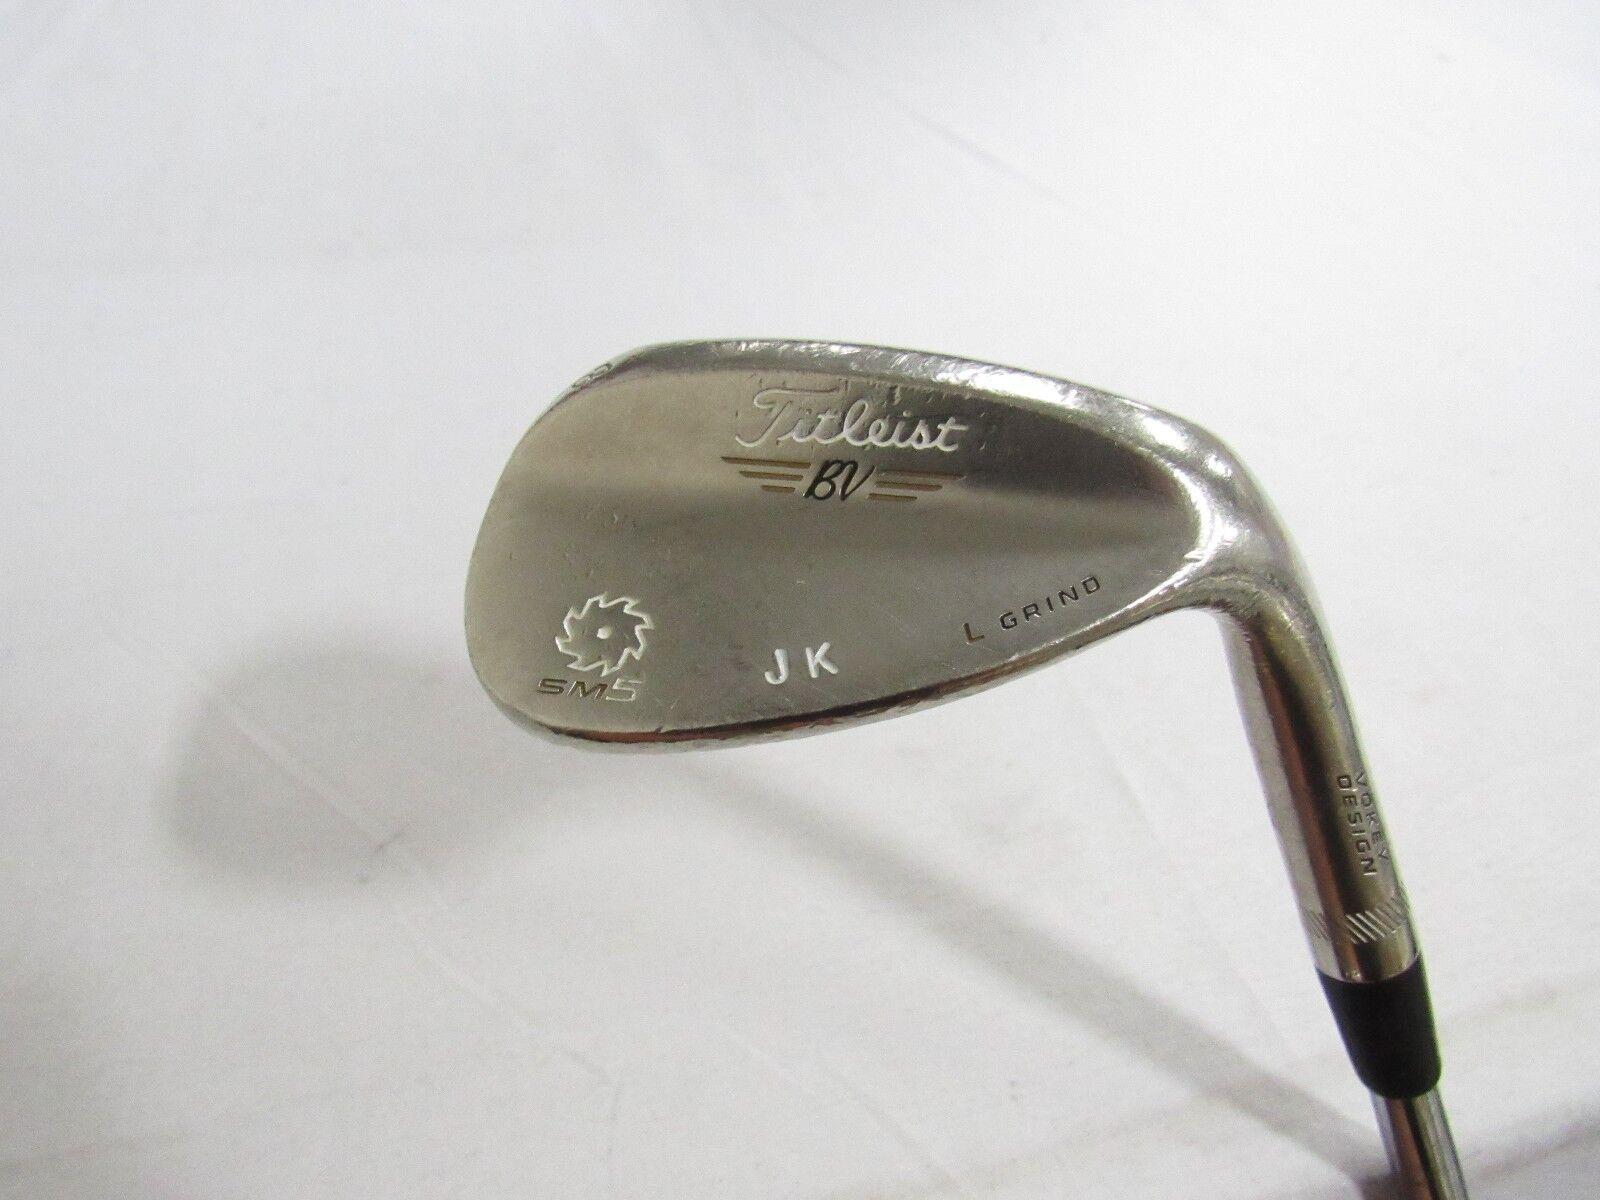 Titleist Vokey Cuña de Satén SM5 usado 58.04 SM-5 oro  Dinámico XP rígido de la flexión Usado  suministro directo de los fabricantes